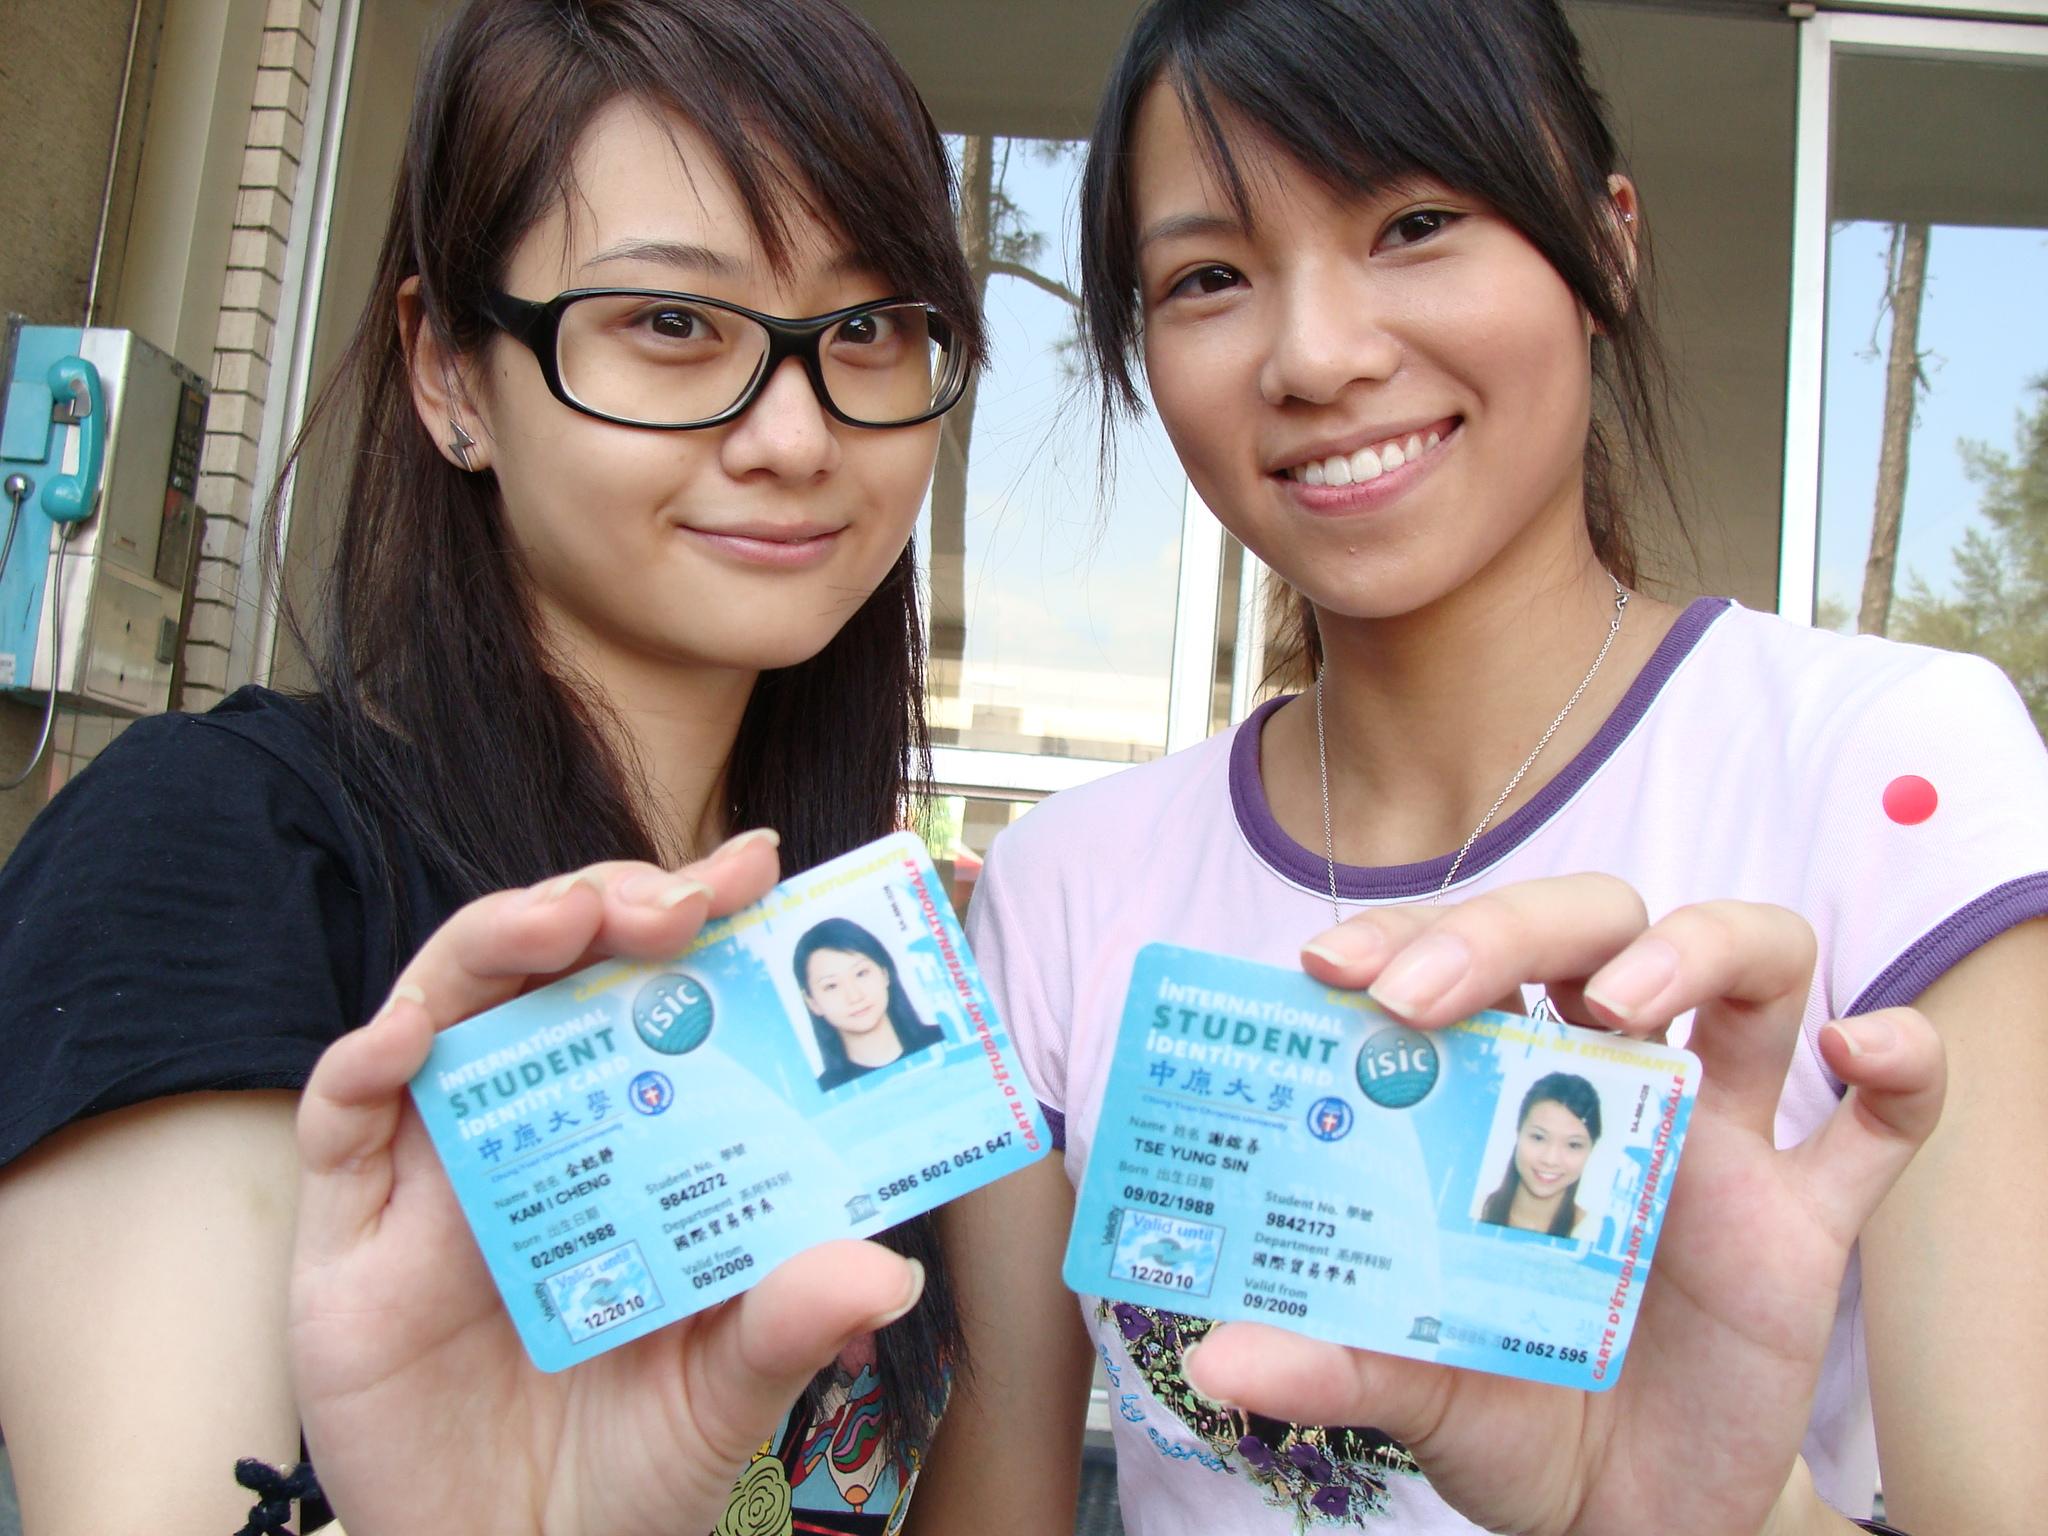 學生證大變身 中原大學三合一國際學生證 遊學旅行皆優惠